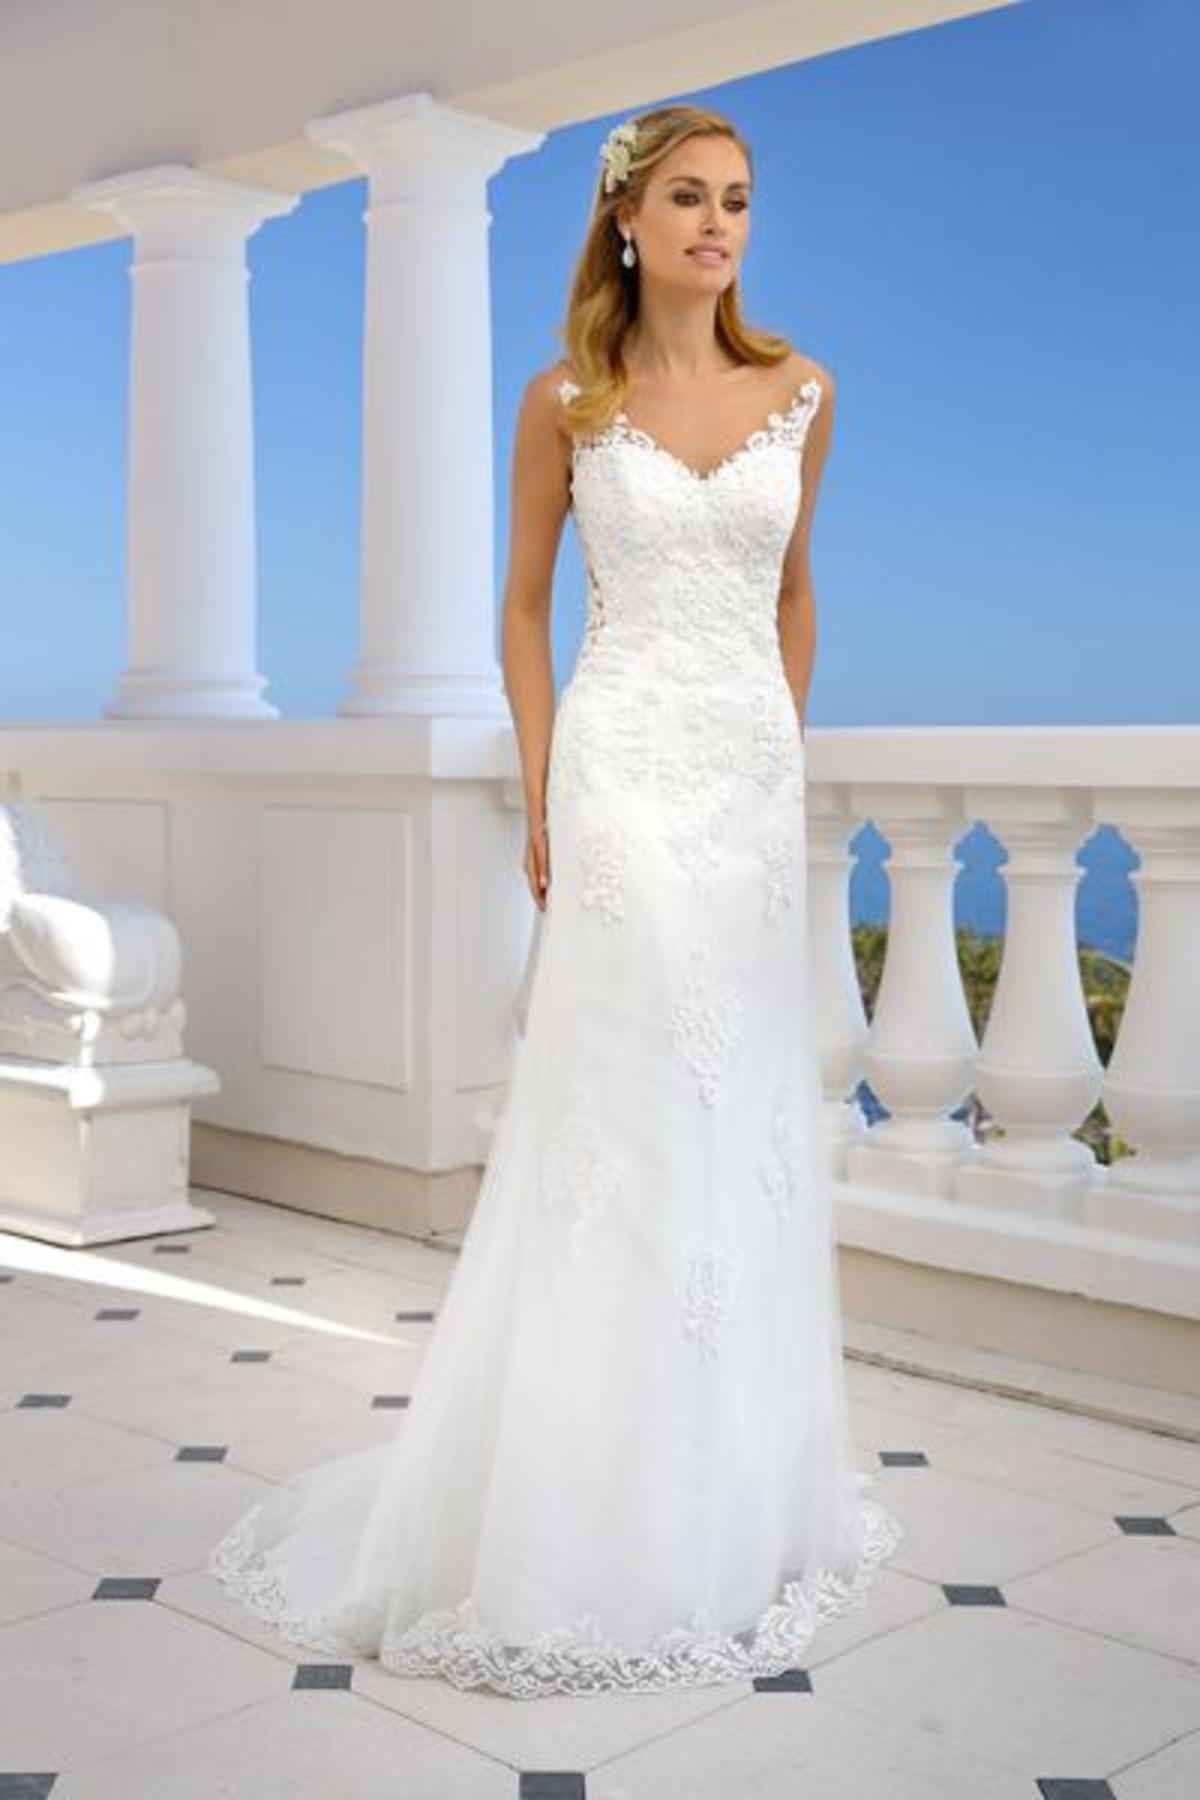 Ladybird Brautkleid 418065 6676 - Wir sagen Ja!